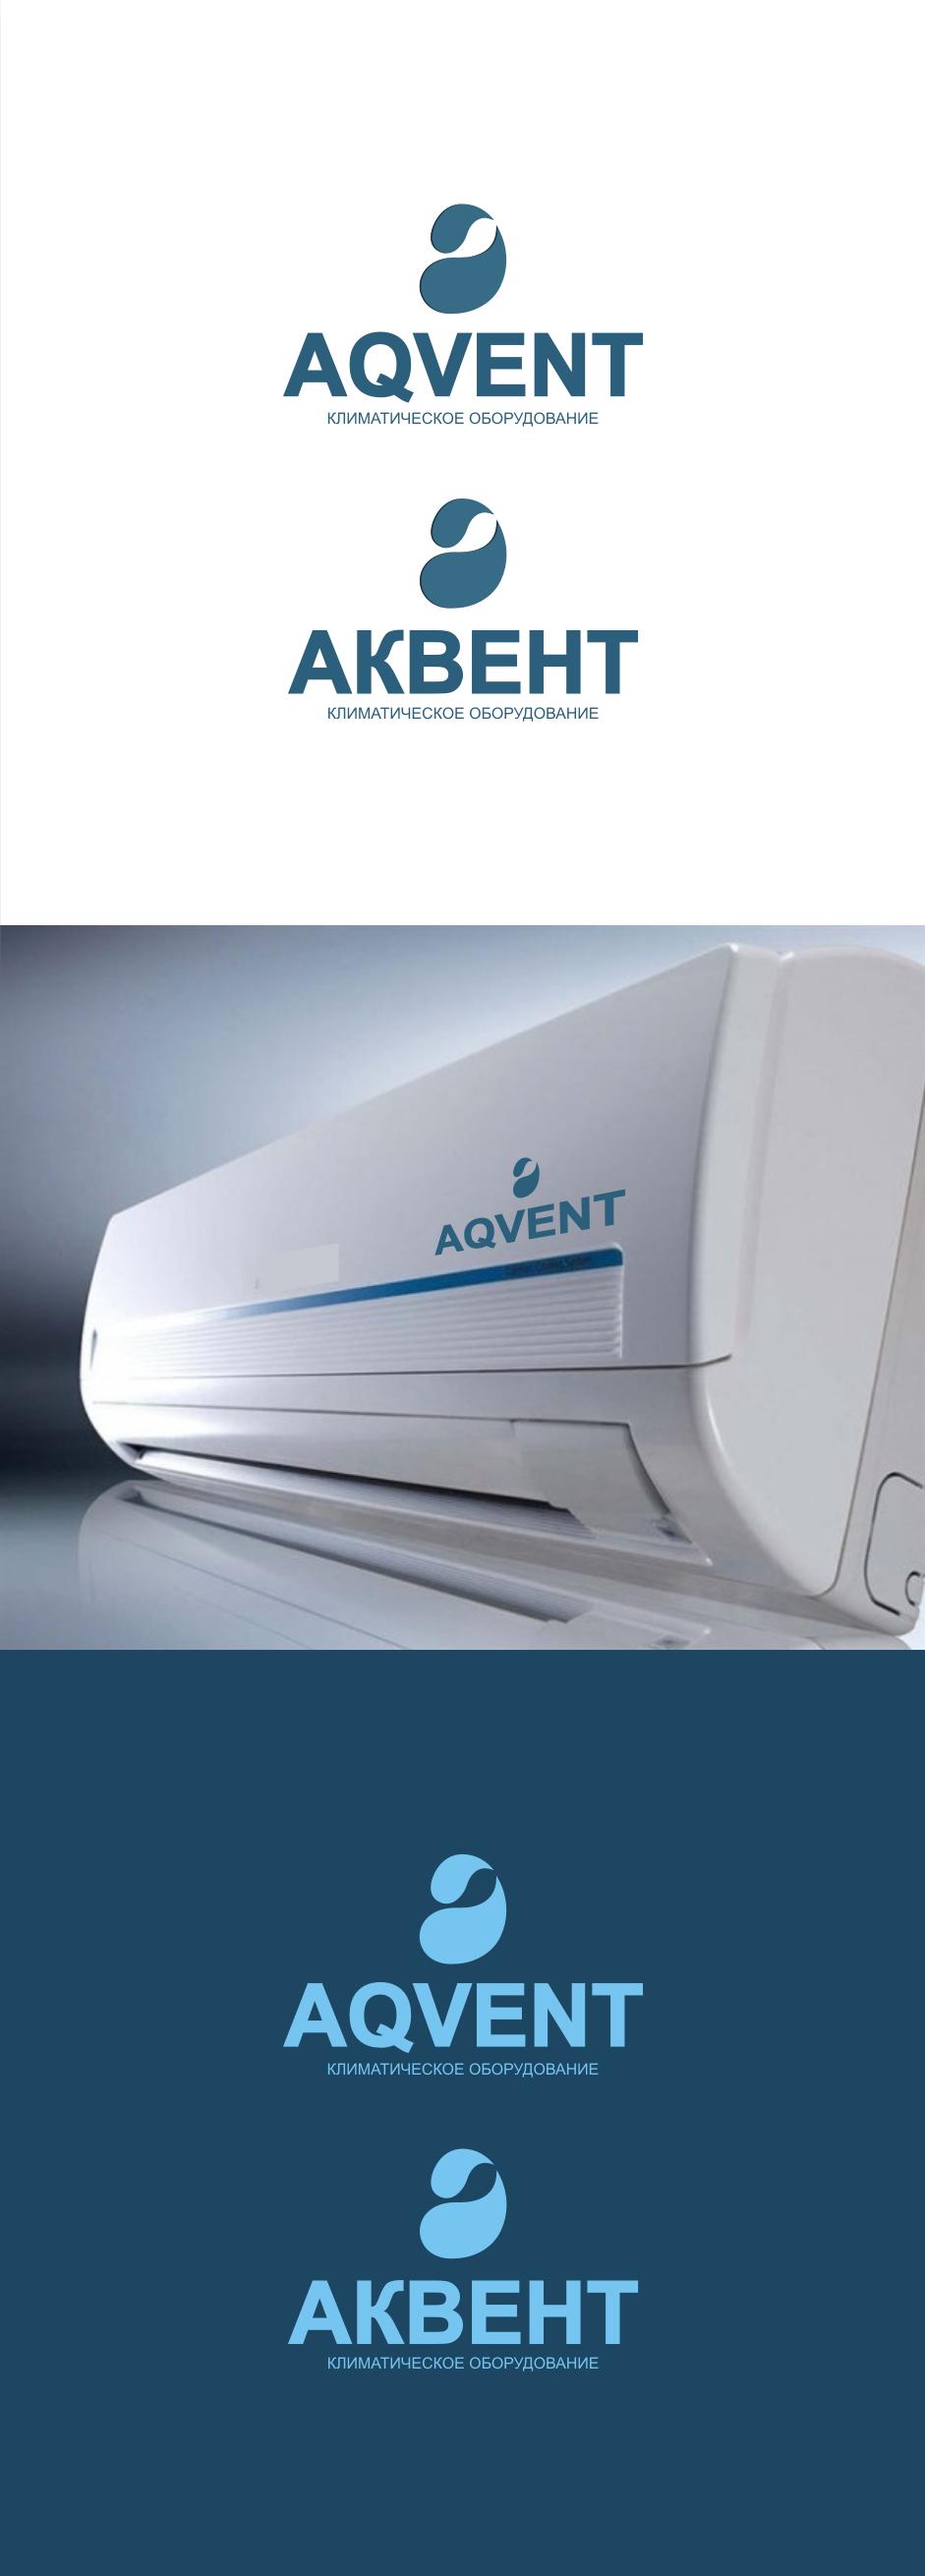 Логотип AQVENT фото f_970527ddf4836dcb.png